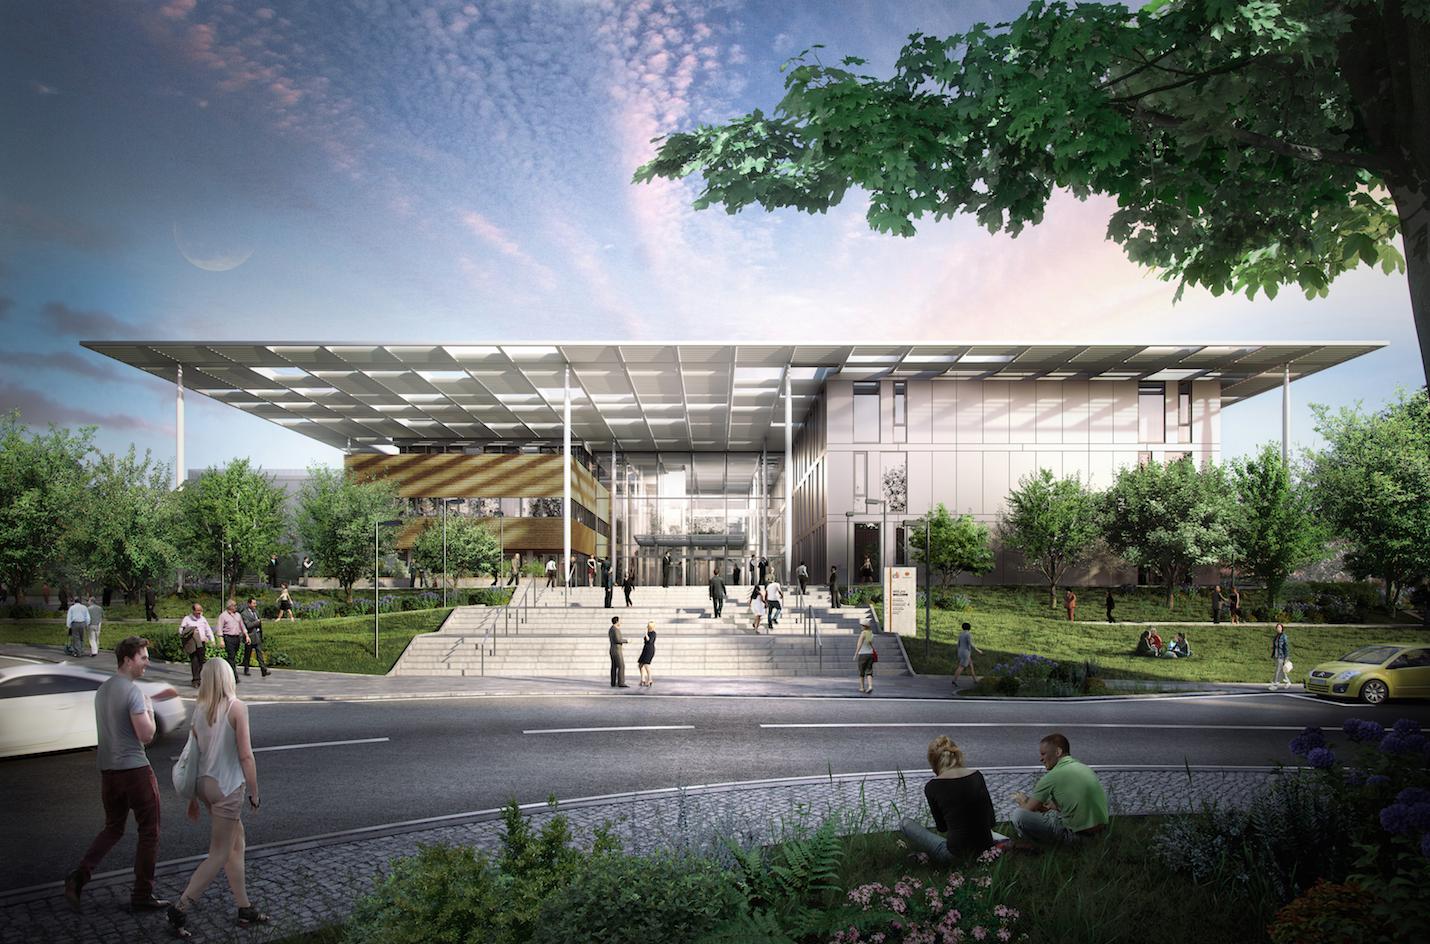 Entrance. Image Courtesy of Bogle Architects